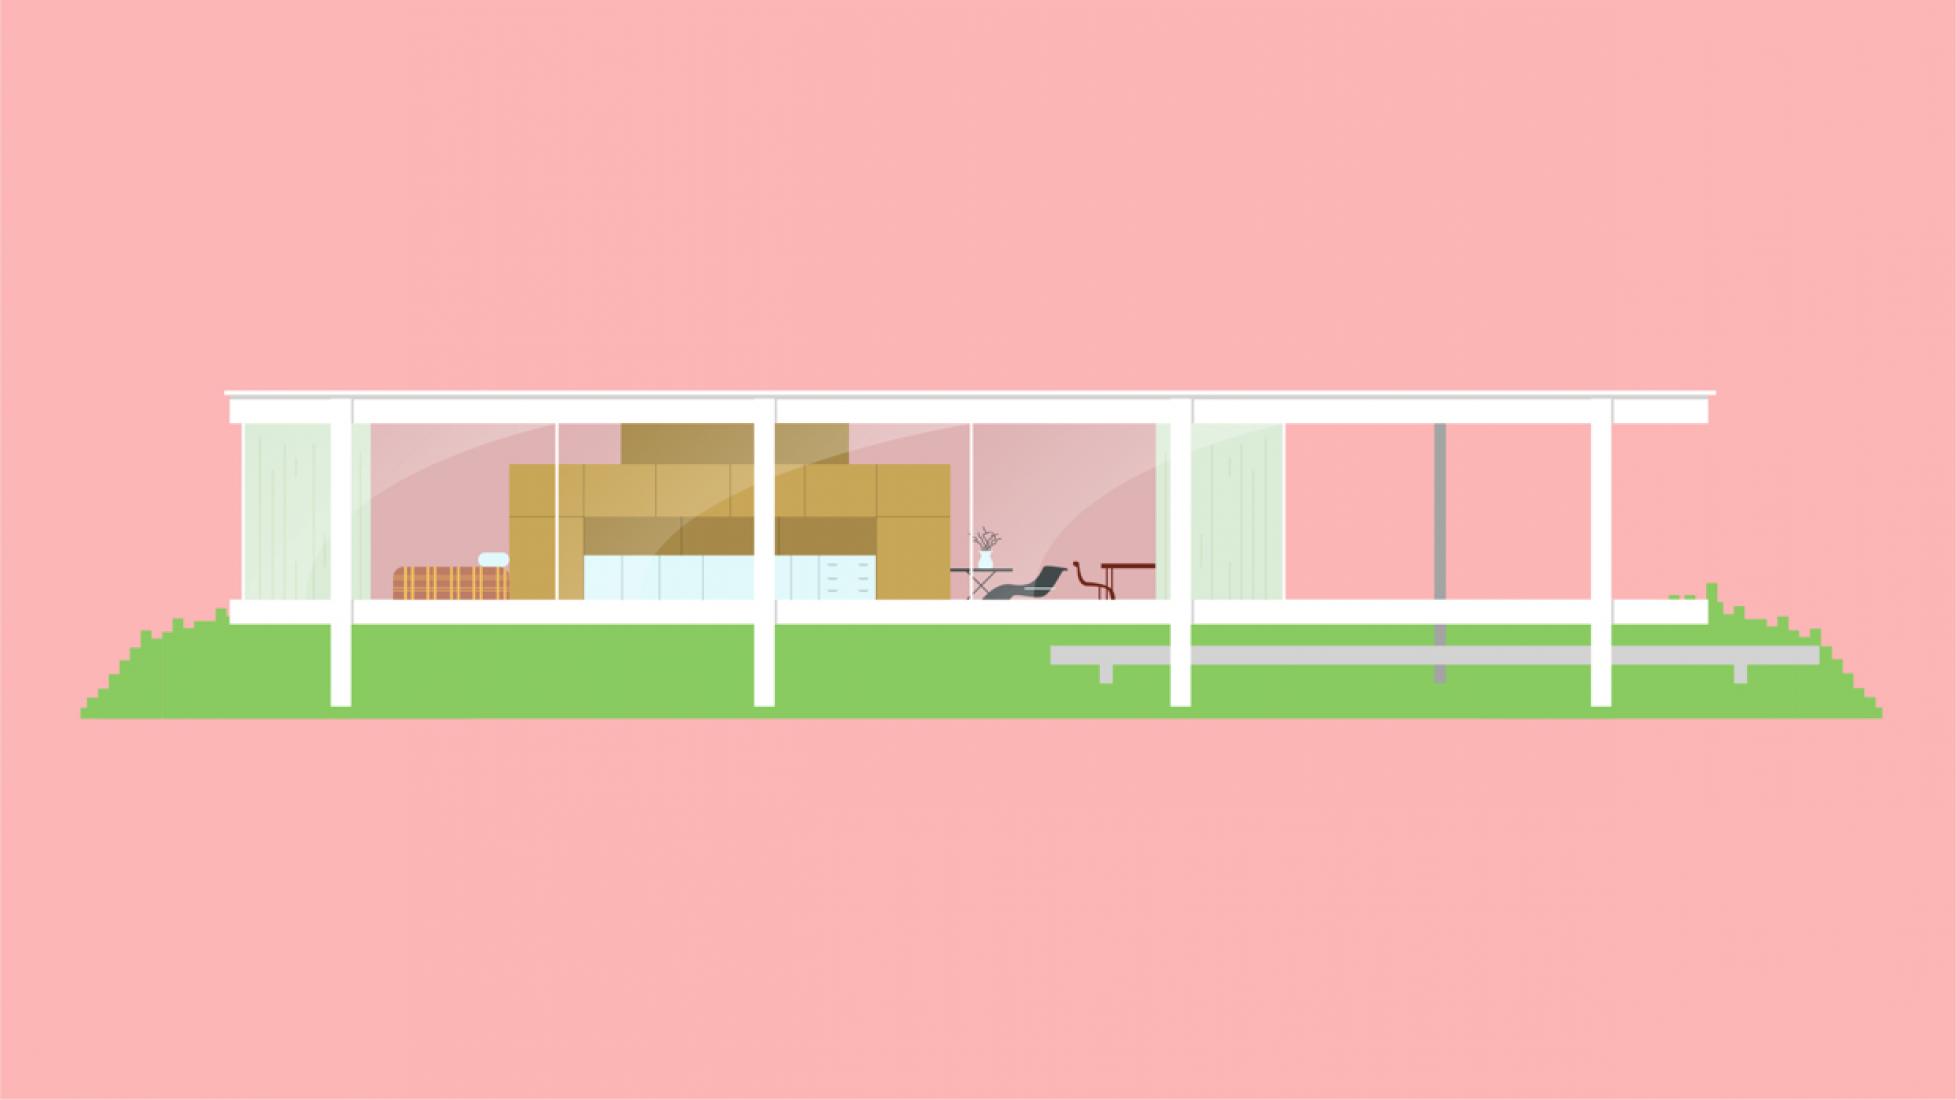 Casa Farnsworth por Ludwig Mies van der Rohe. Casas icónicas por Matteo Muci.